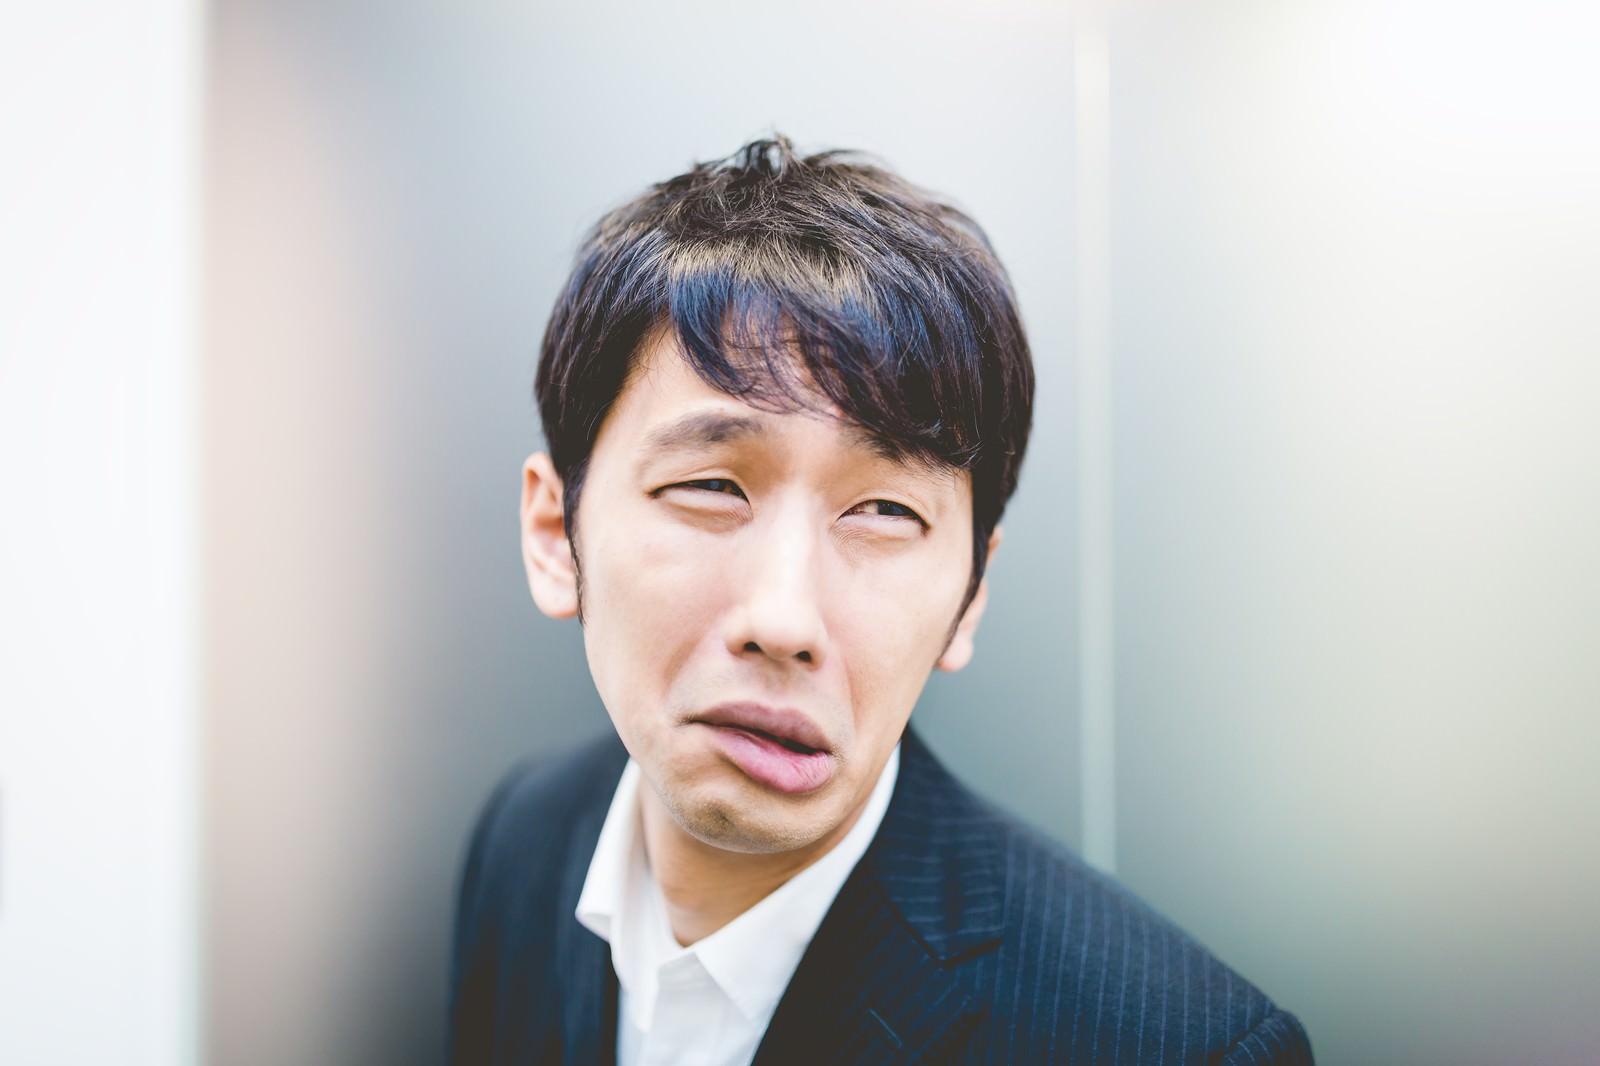 「「だめだこりゃ」と顔をゆがめるリーダー」の写真[モデル:大川竜弥]